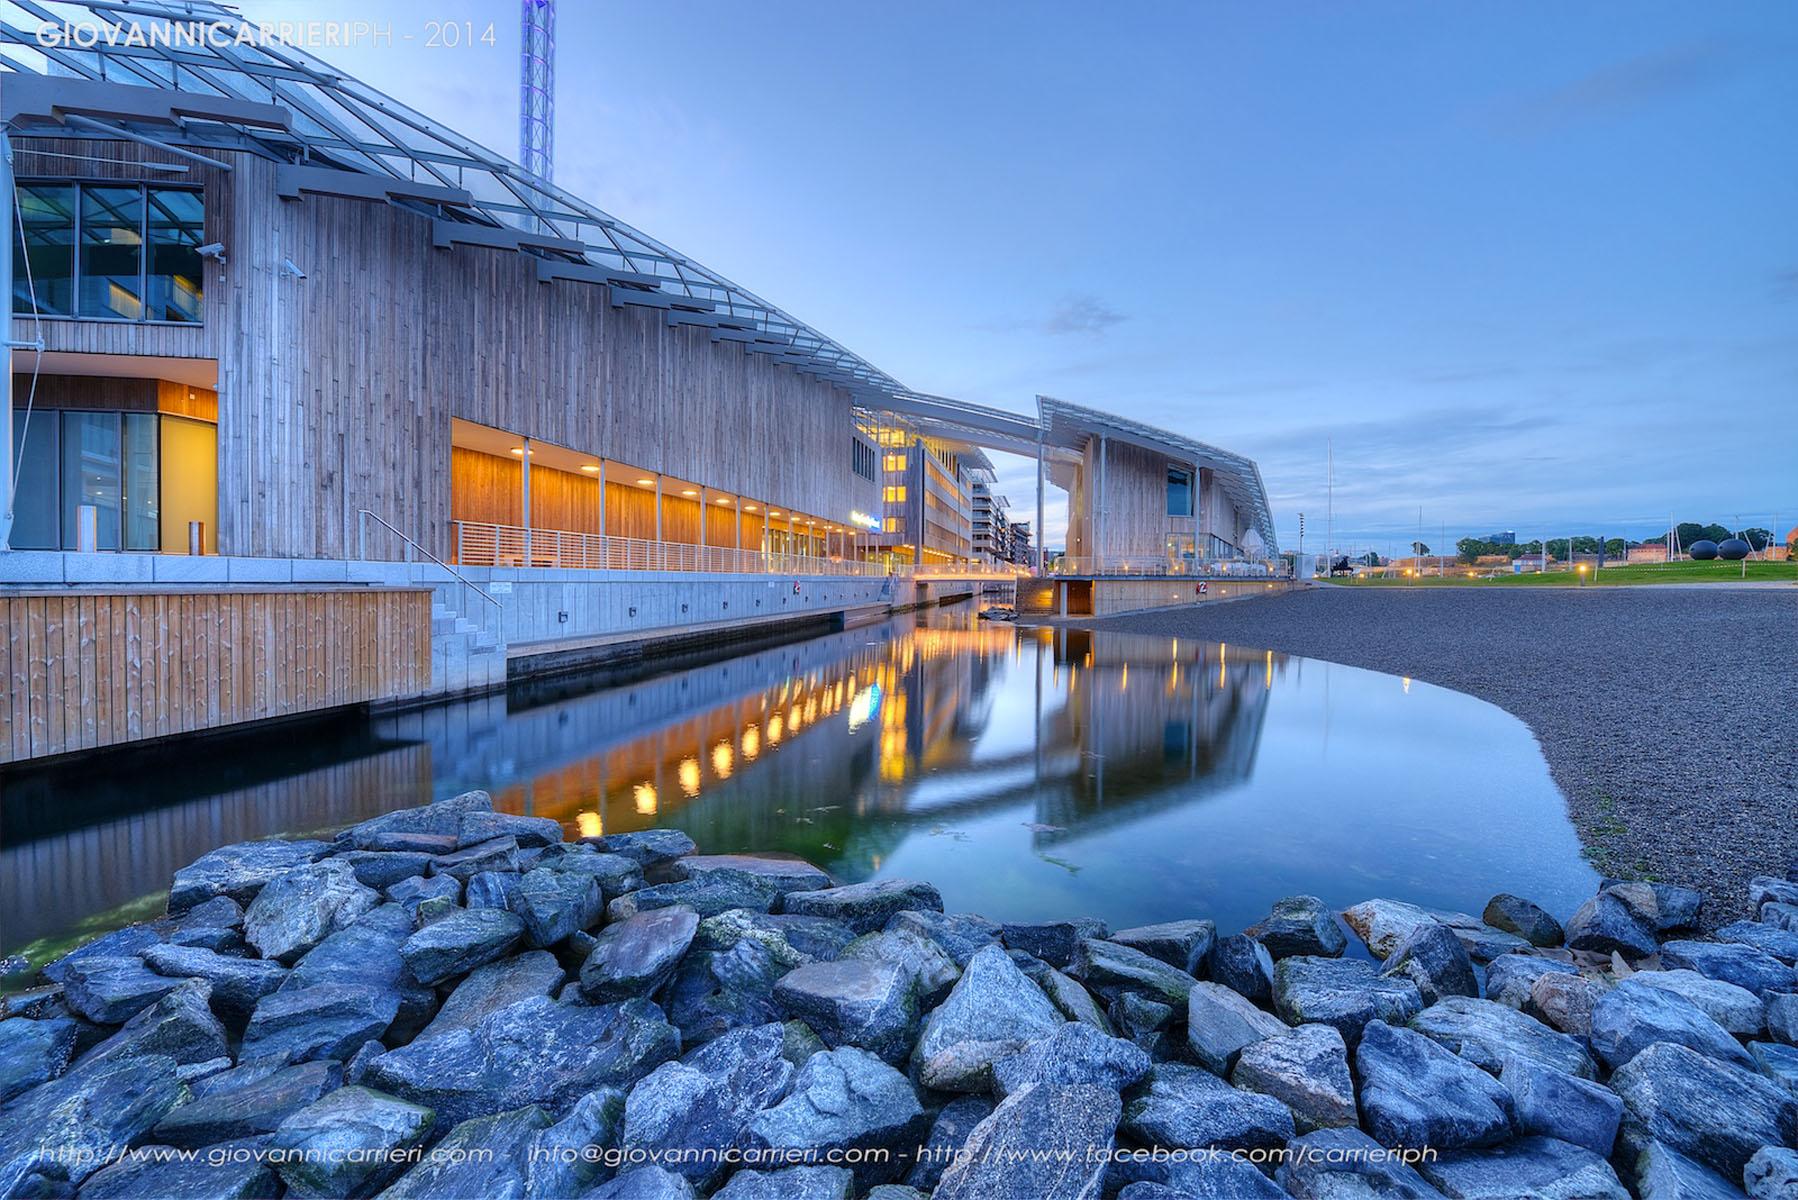 Particolari del Museo di Arte Moderna Astrup Fearnley di Oslo, disegnato da Renzo Piano